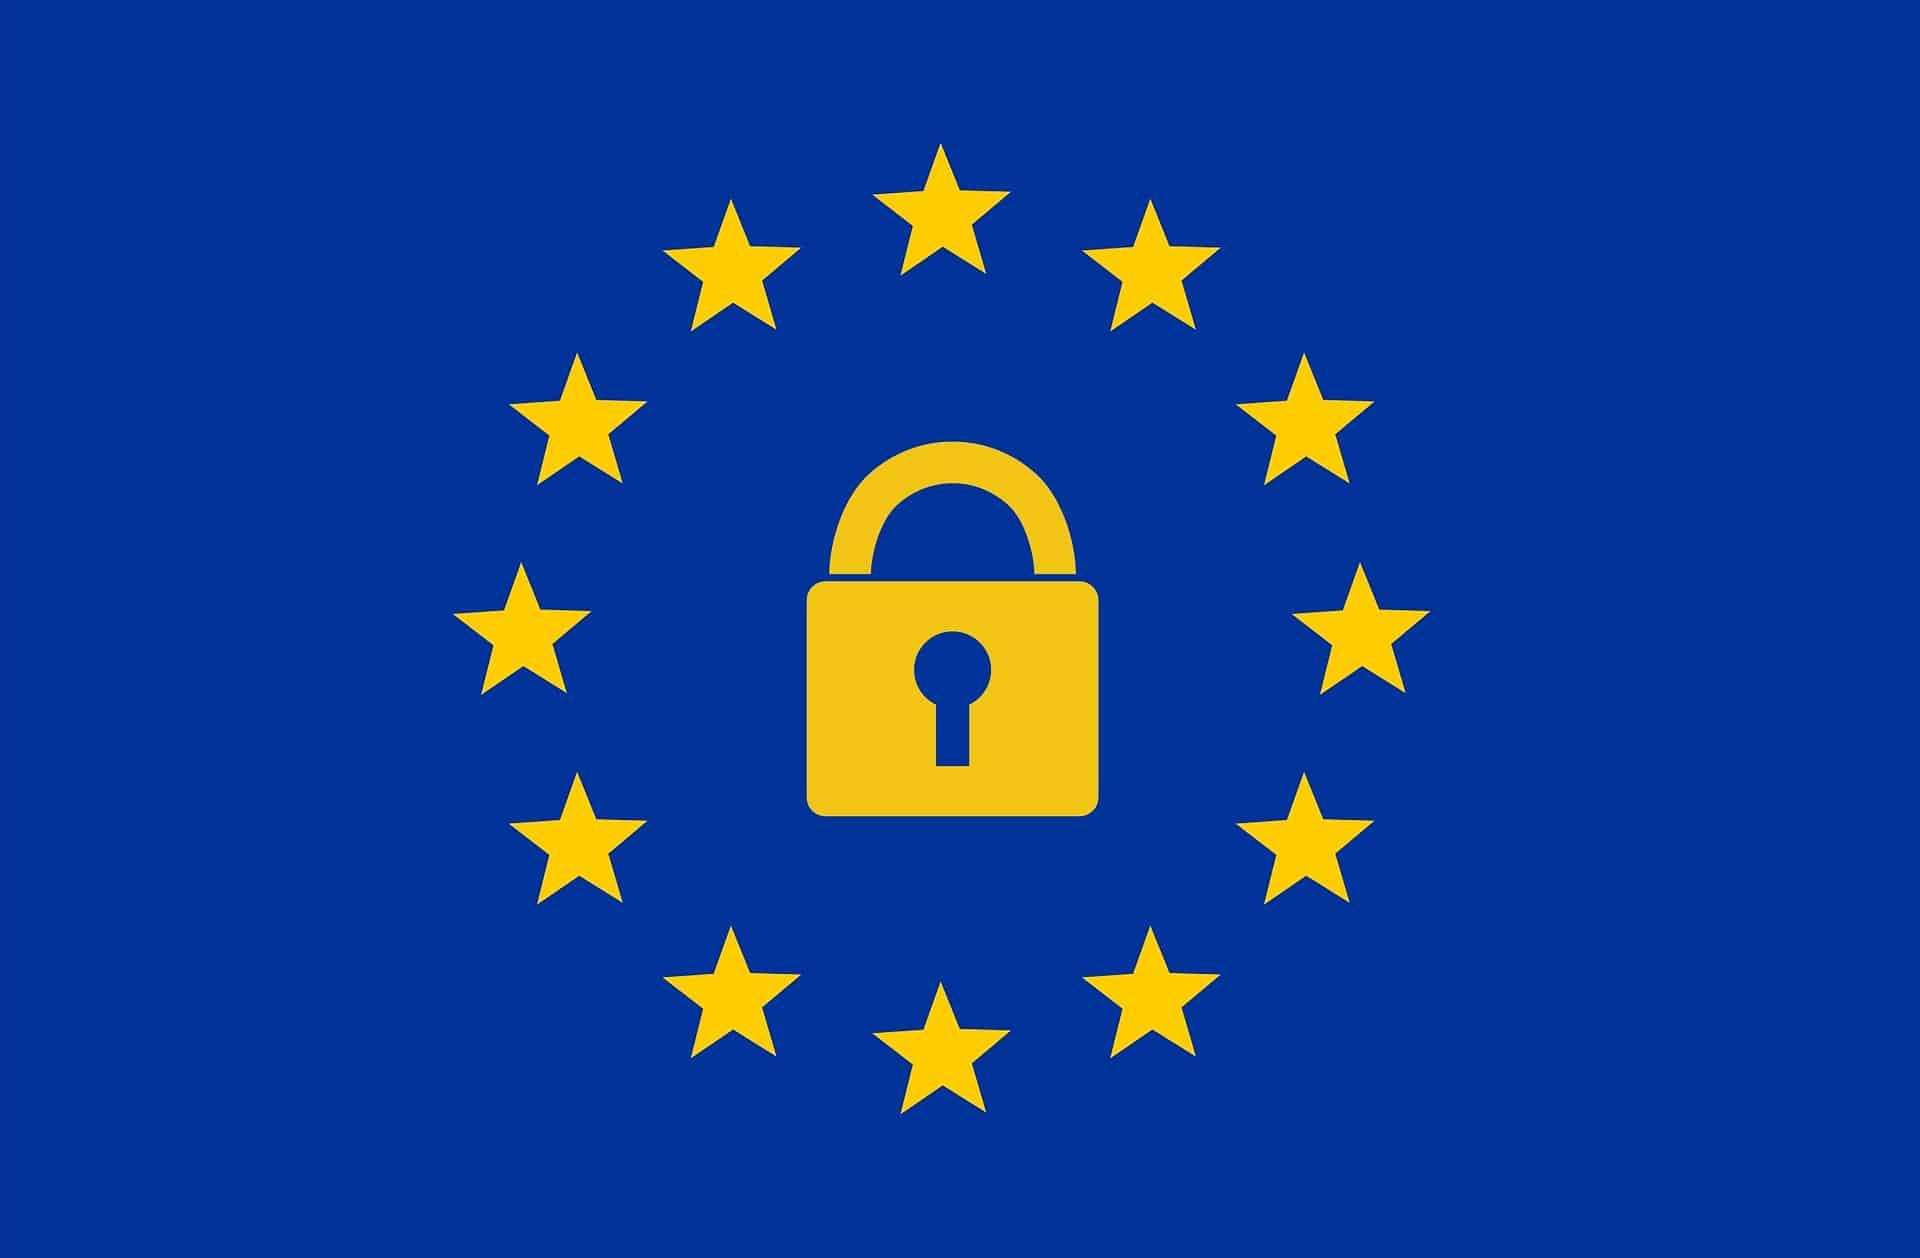 European data protection